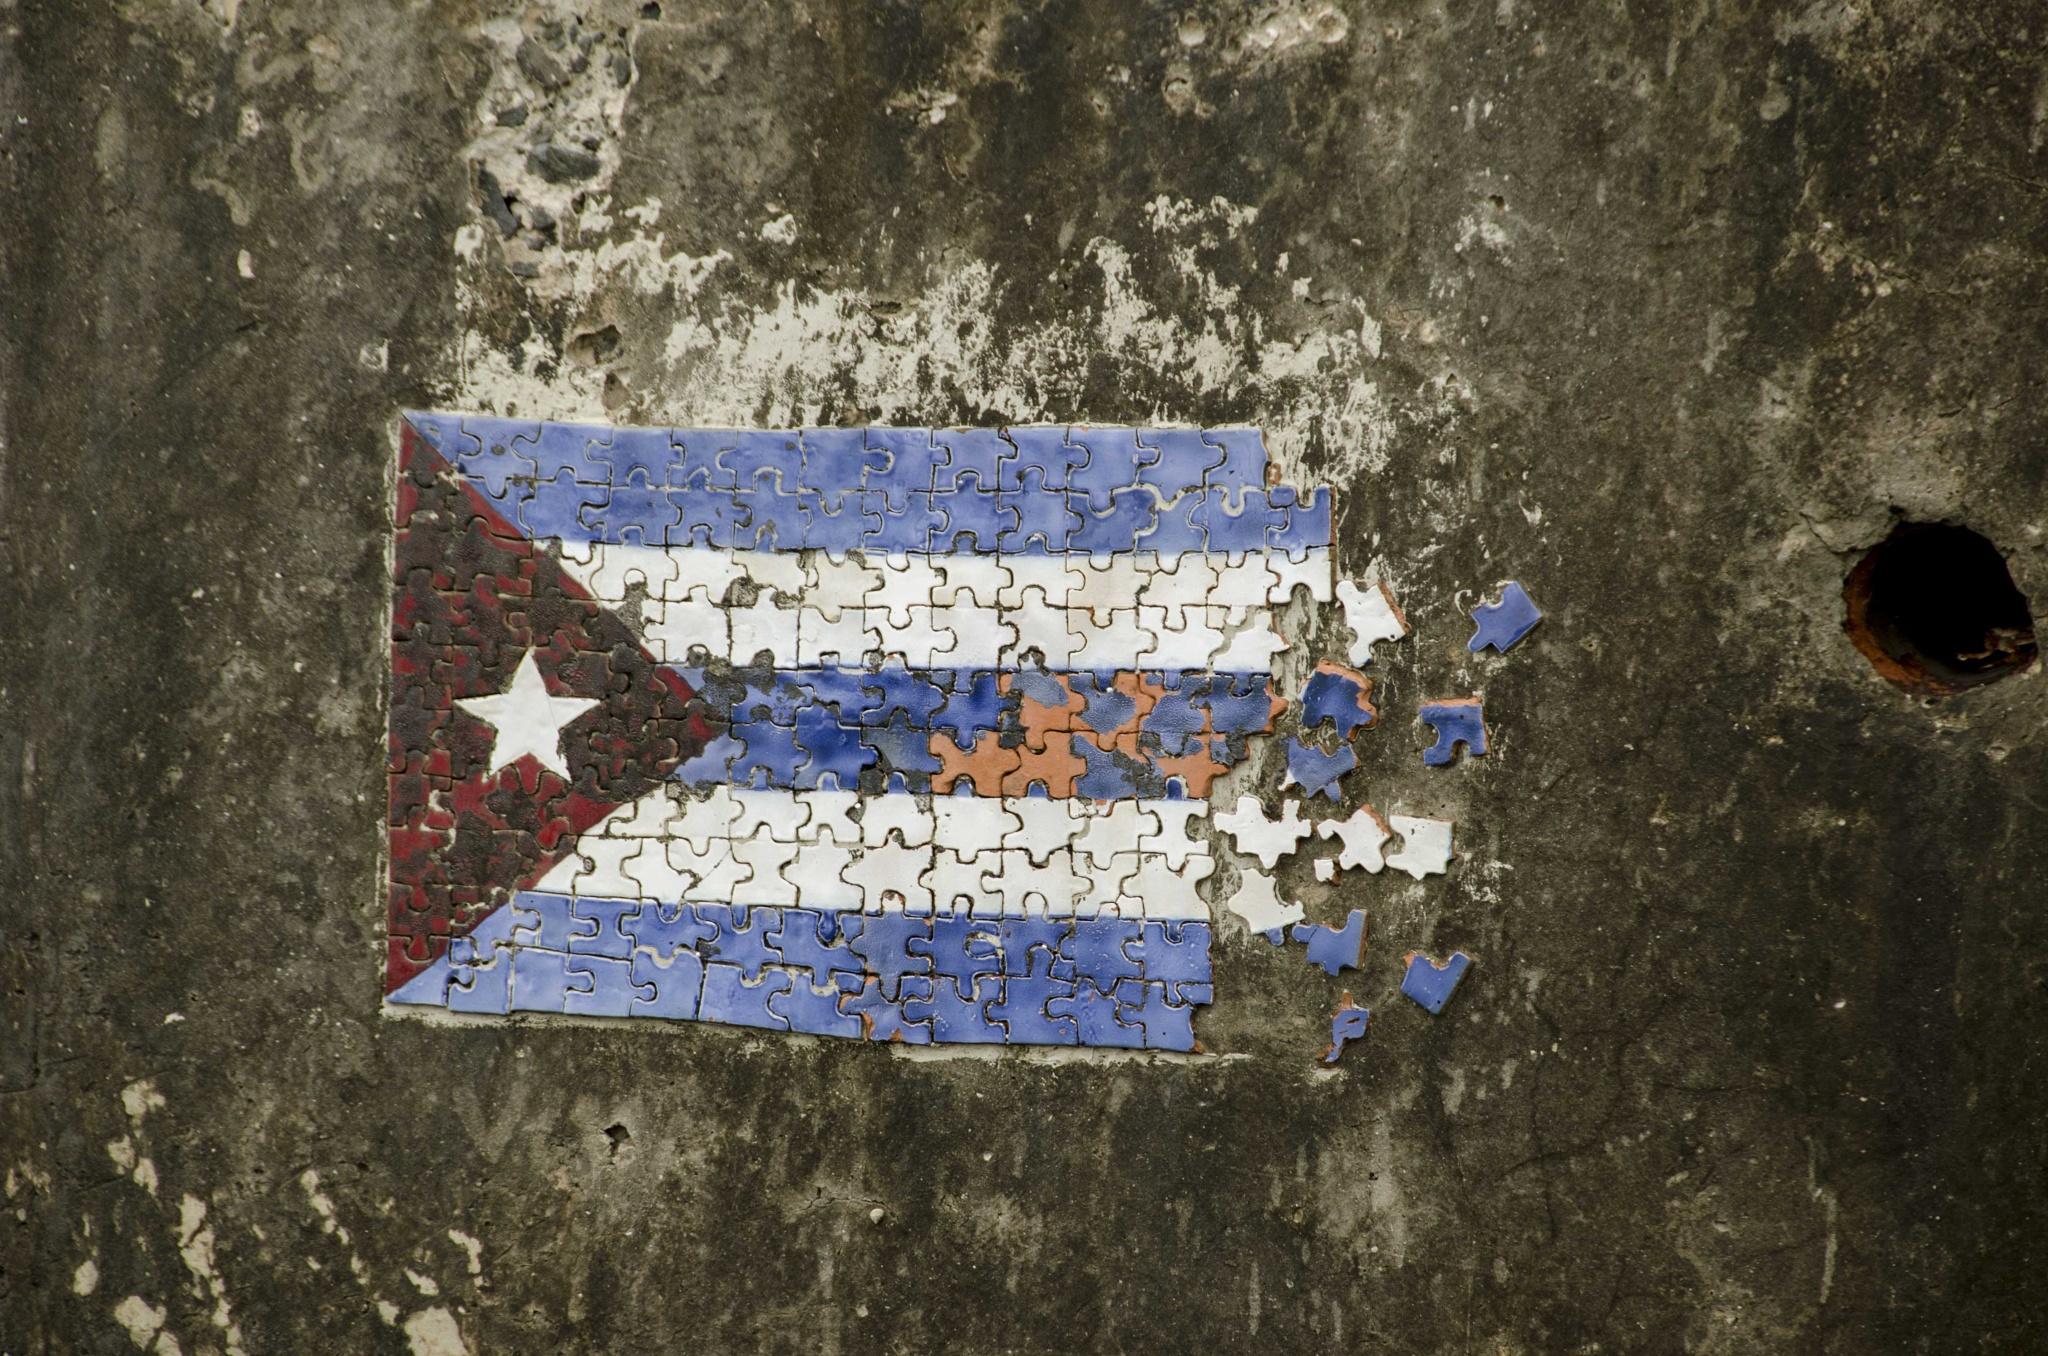 Flag by trevor keville